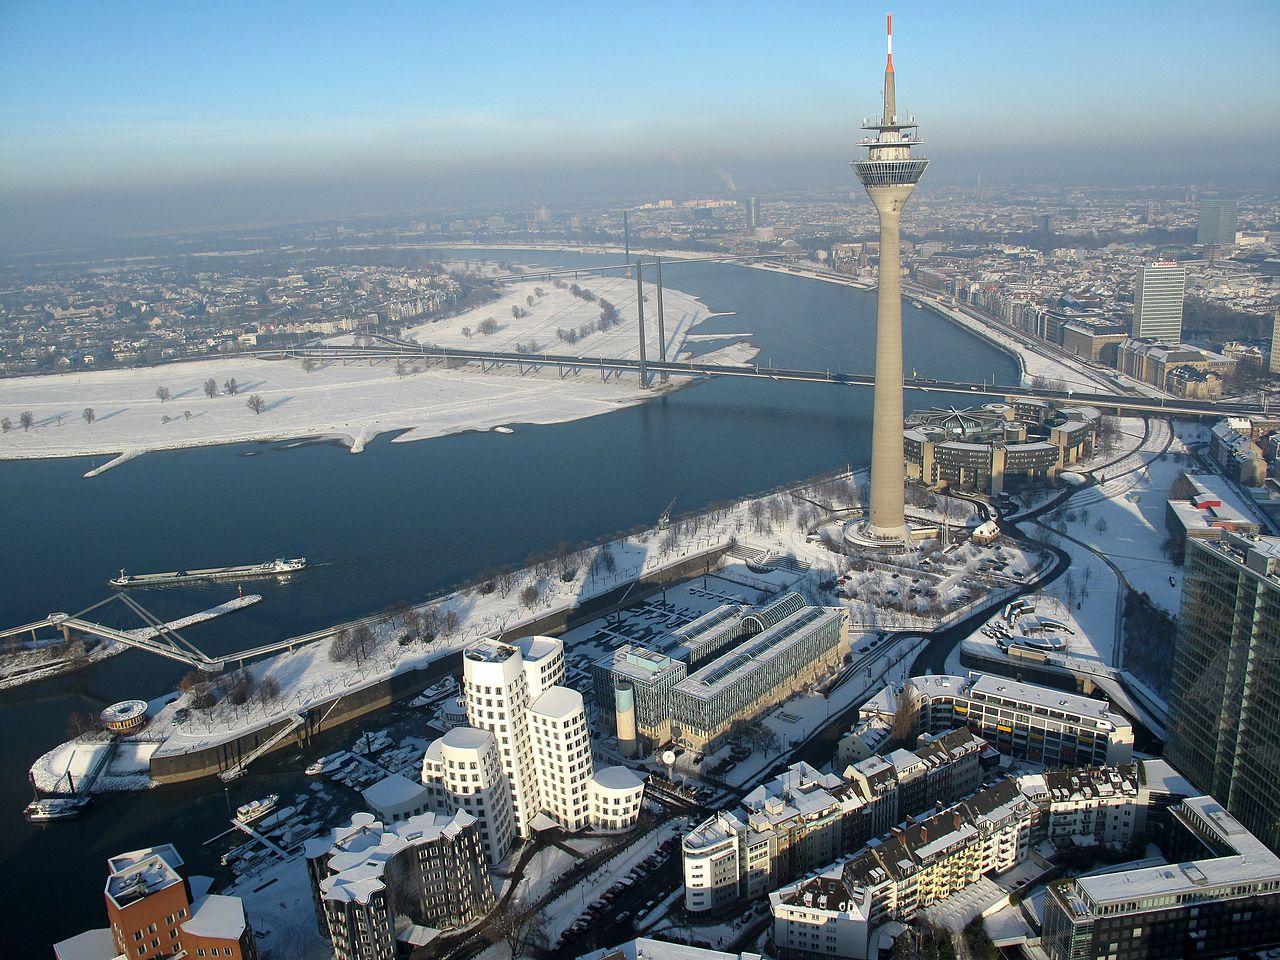 Дюссельдорф, Германия: интересные достопримечательности и лучшие места для отдыха, хорошие рестораны, отзывы и советы туристов